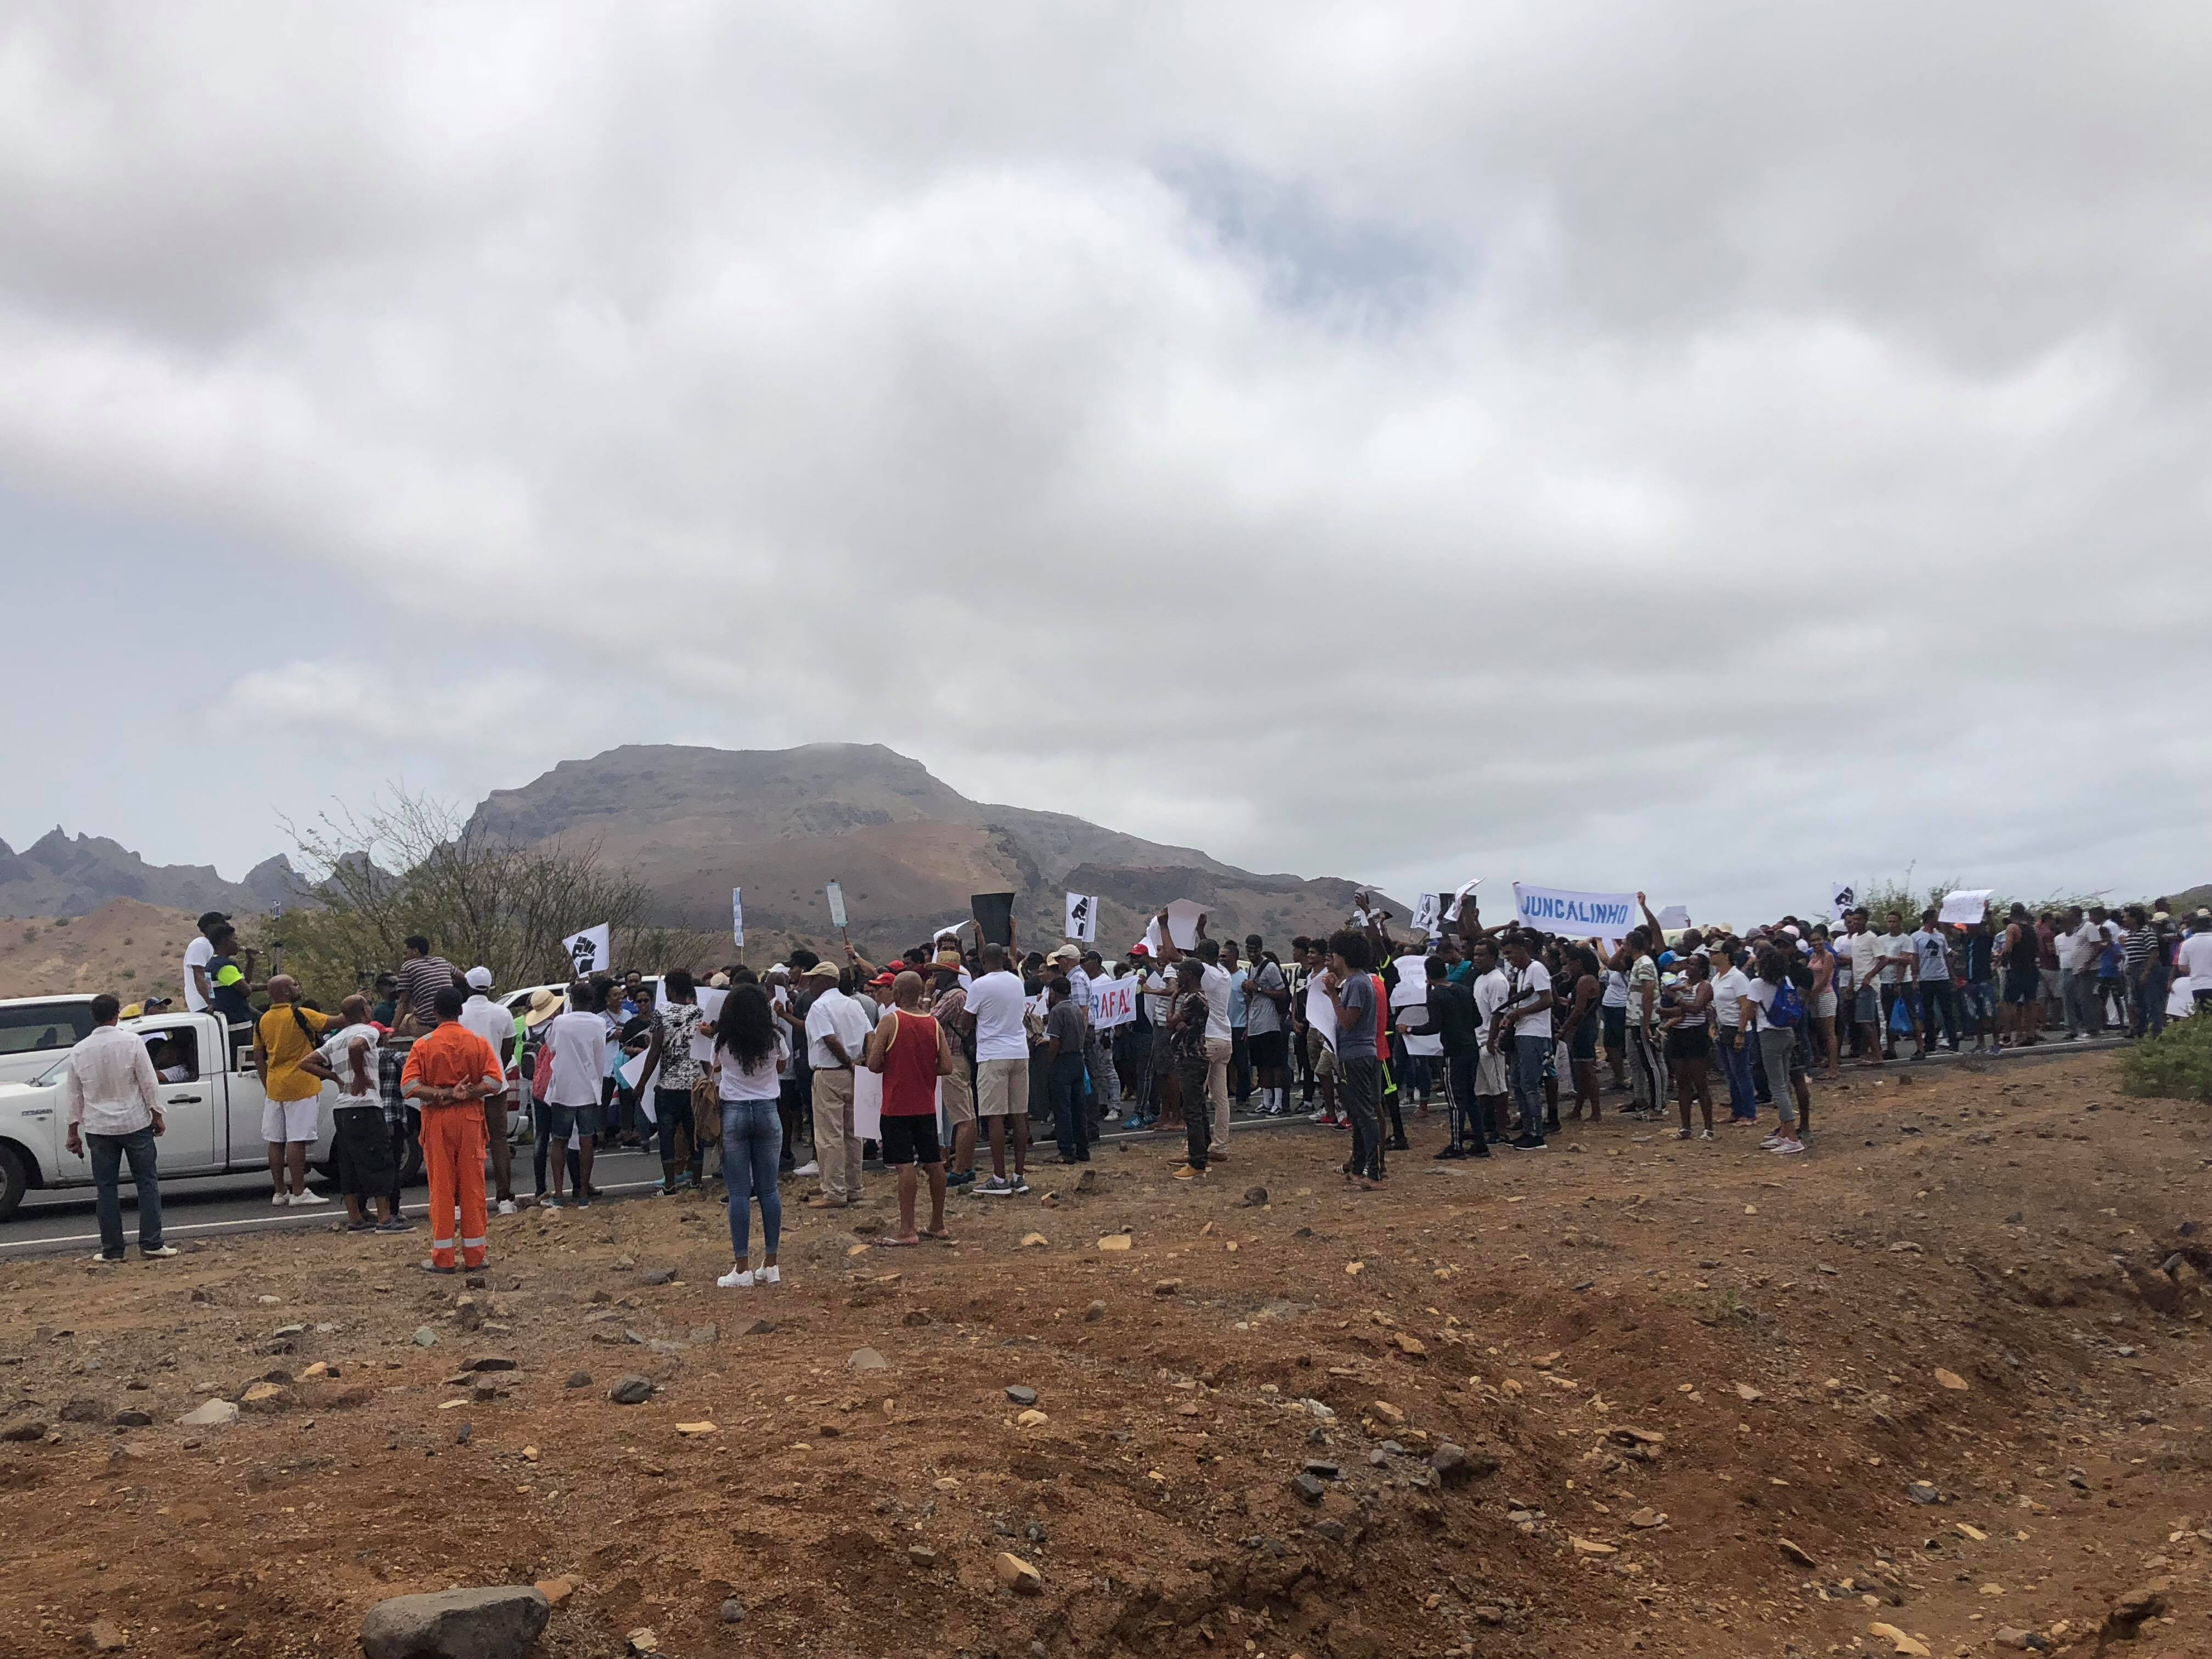 s u00e3o nicolau  mais de meio milhar em protesto  autarca vaiado  ministro e deputado cancelaram